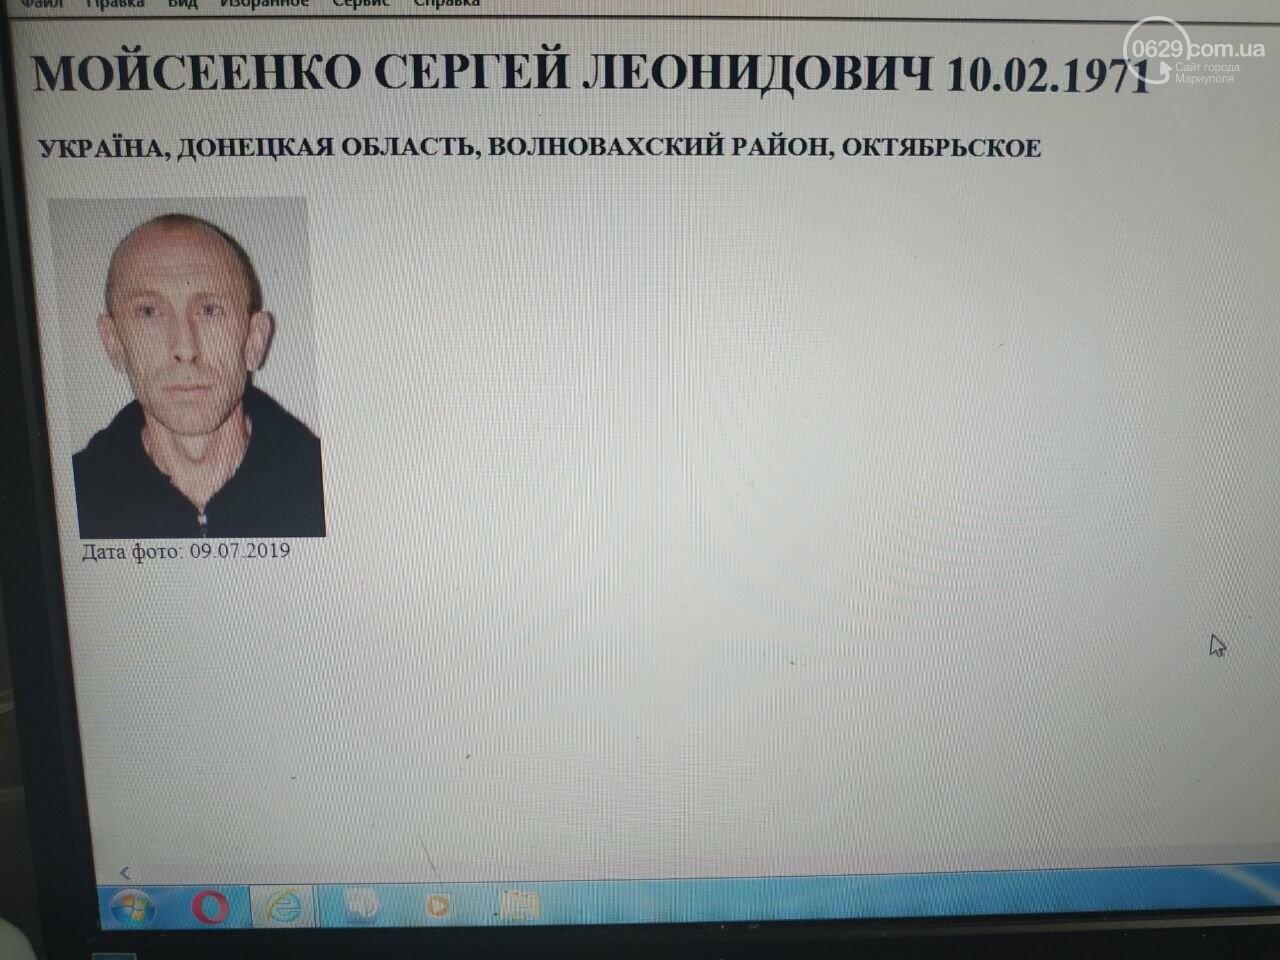 Загадочное исчезновение. В Мариуполе пропал мужчина, который очнулся в оккупированном Седово и не помнит, как там оказался, фото-1